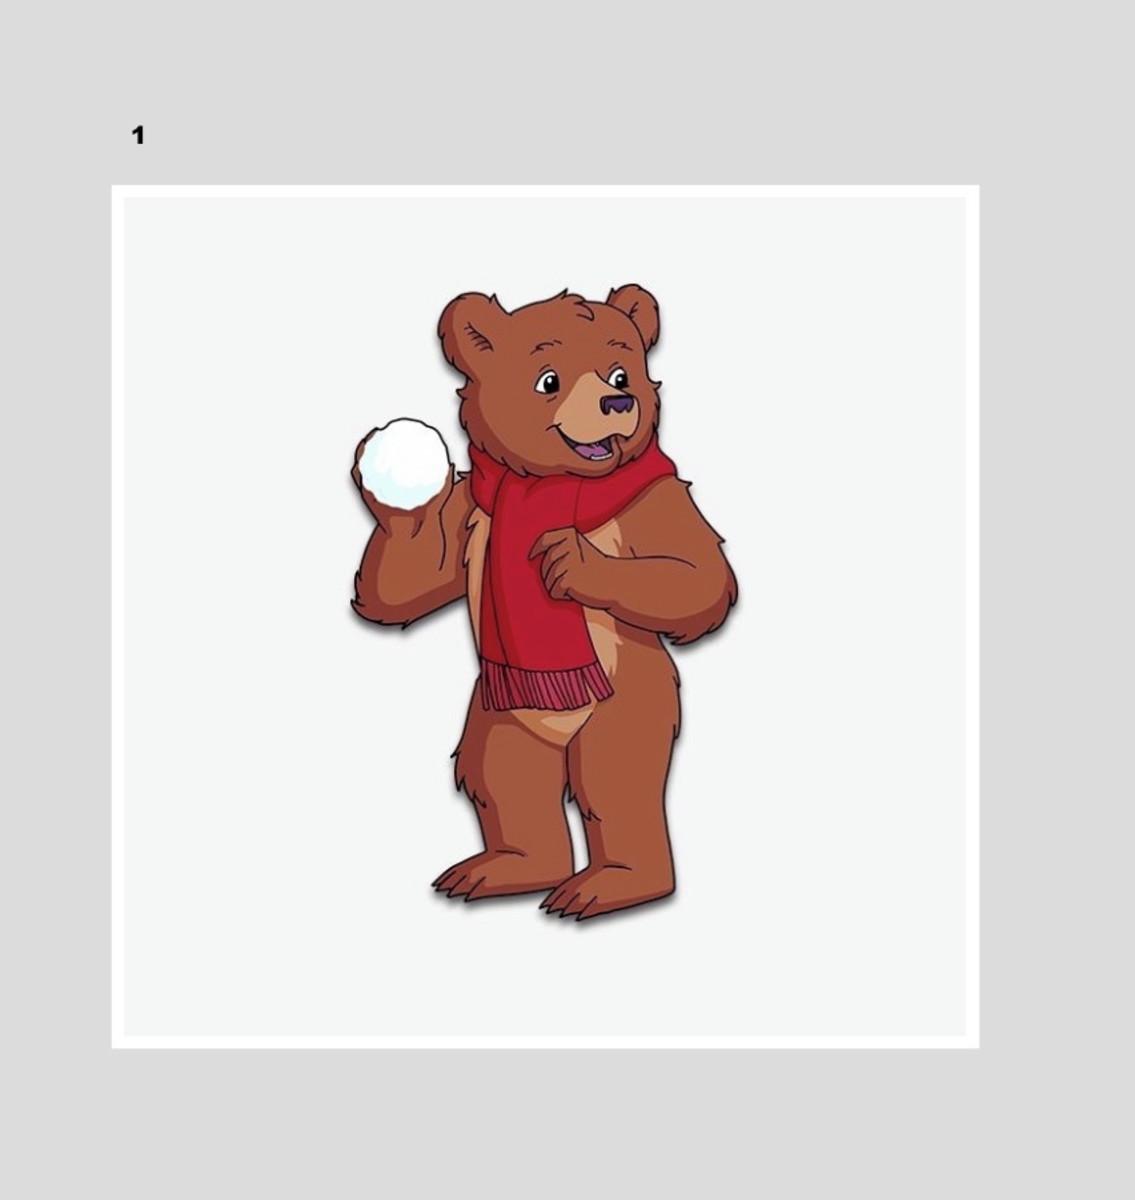 Quadro O Pequeno Urso Desenho Animado Anos 80 90 Ursinho No Elo7 Luar Vegano 11c76b4